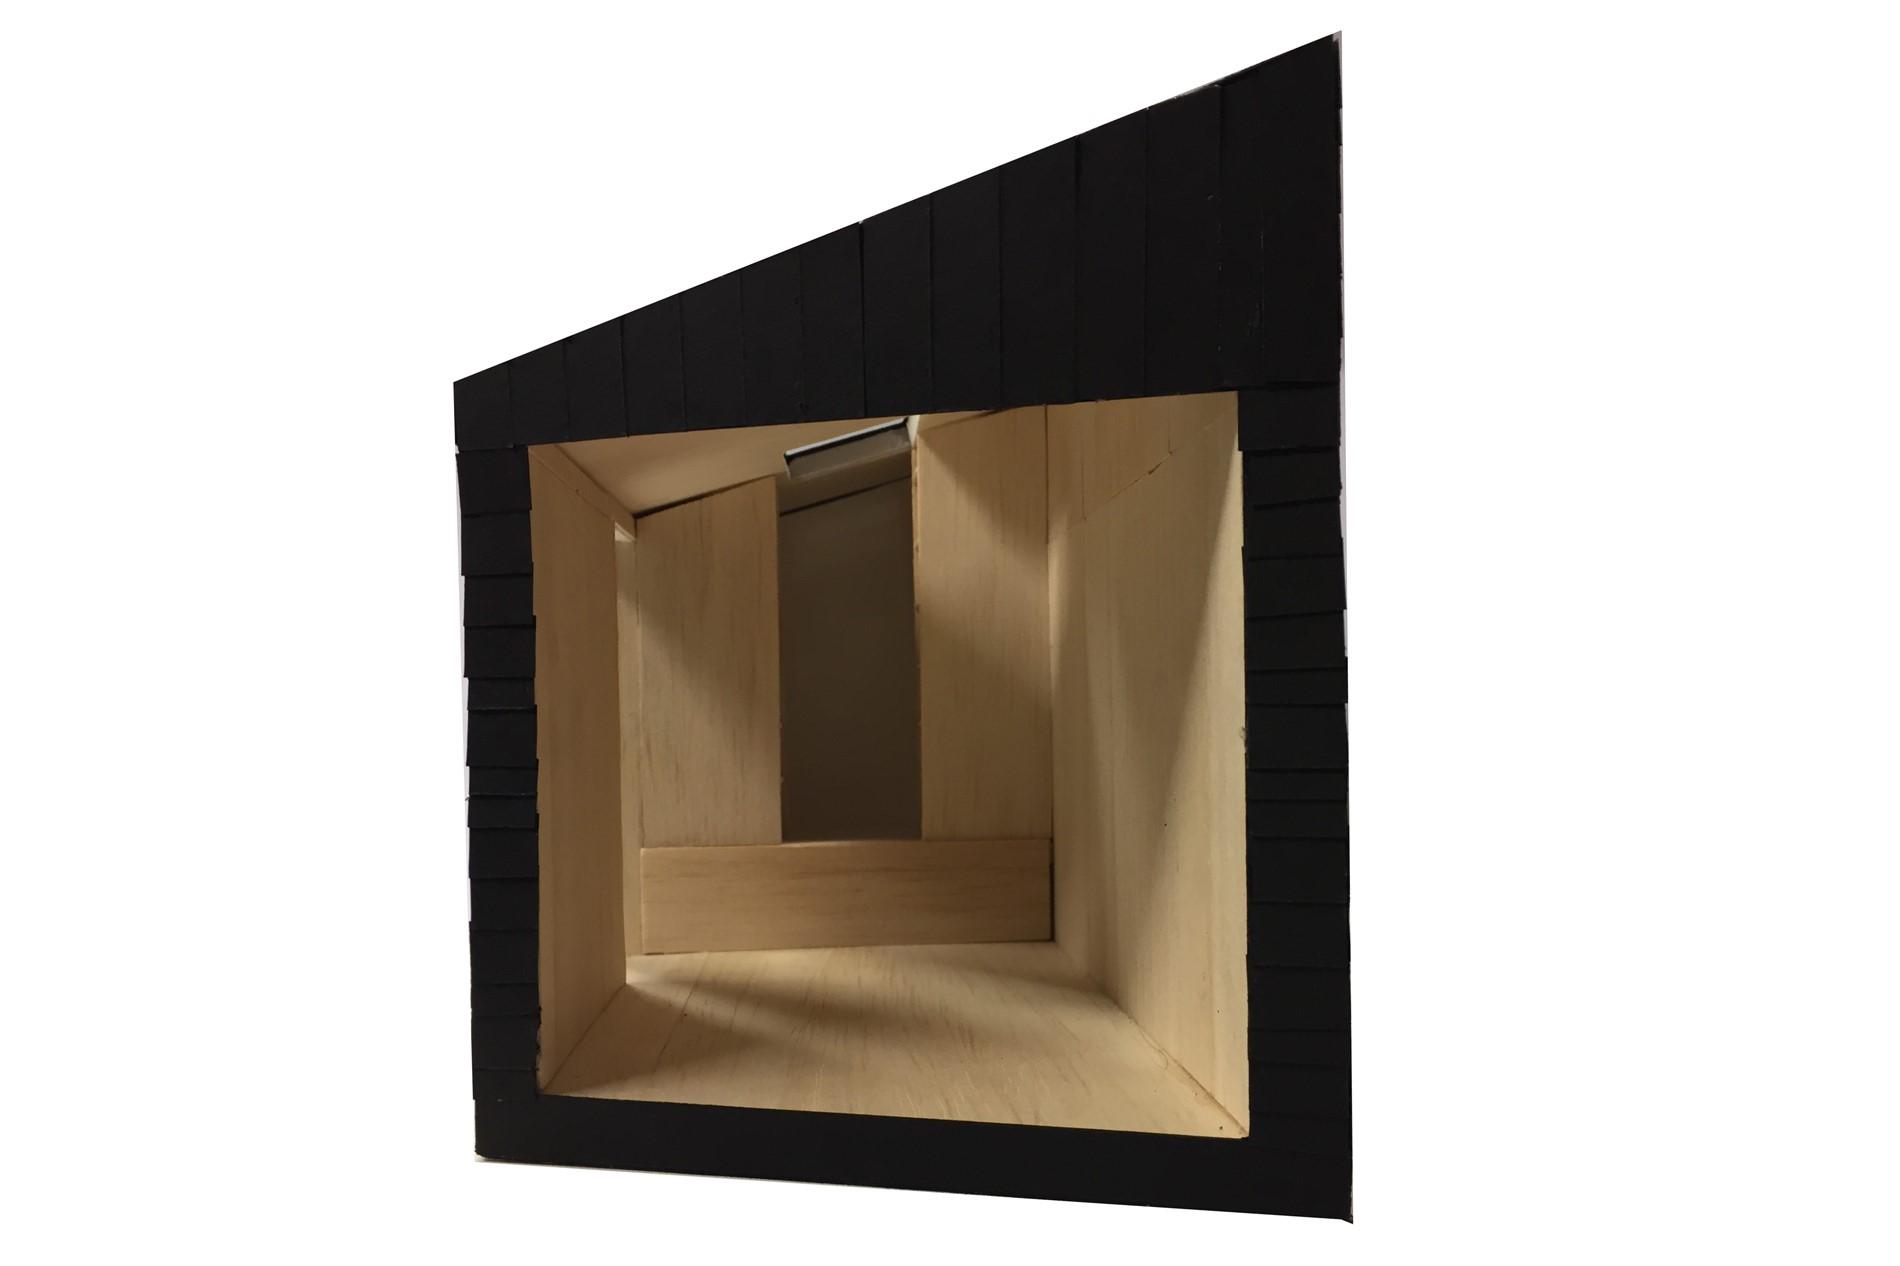 <p>beeld: Laura Alvarez Architecture</p>